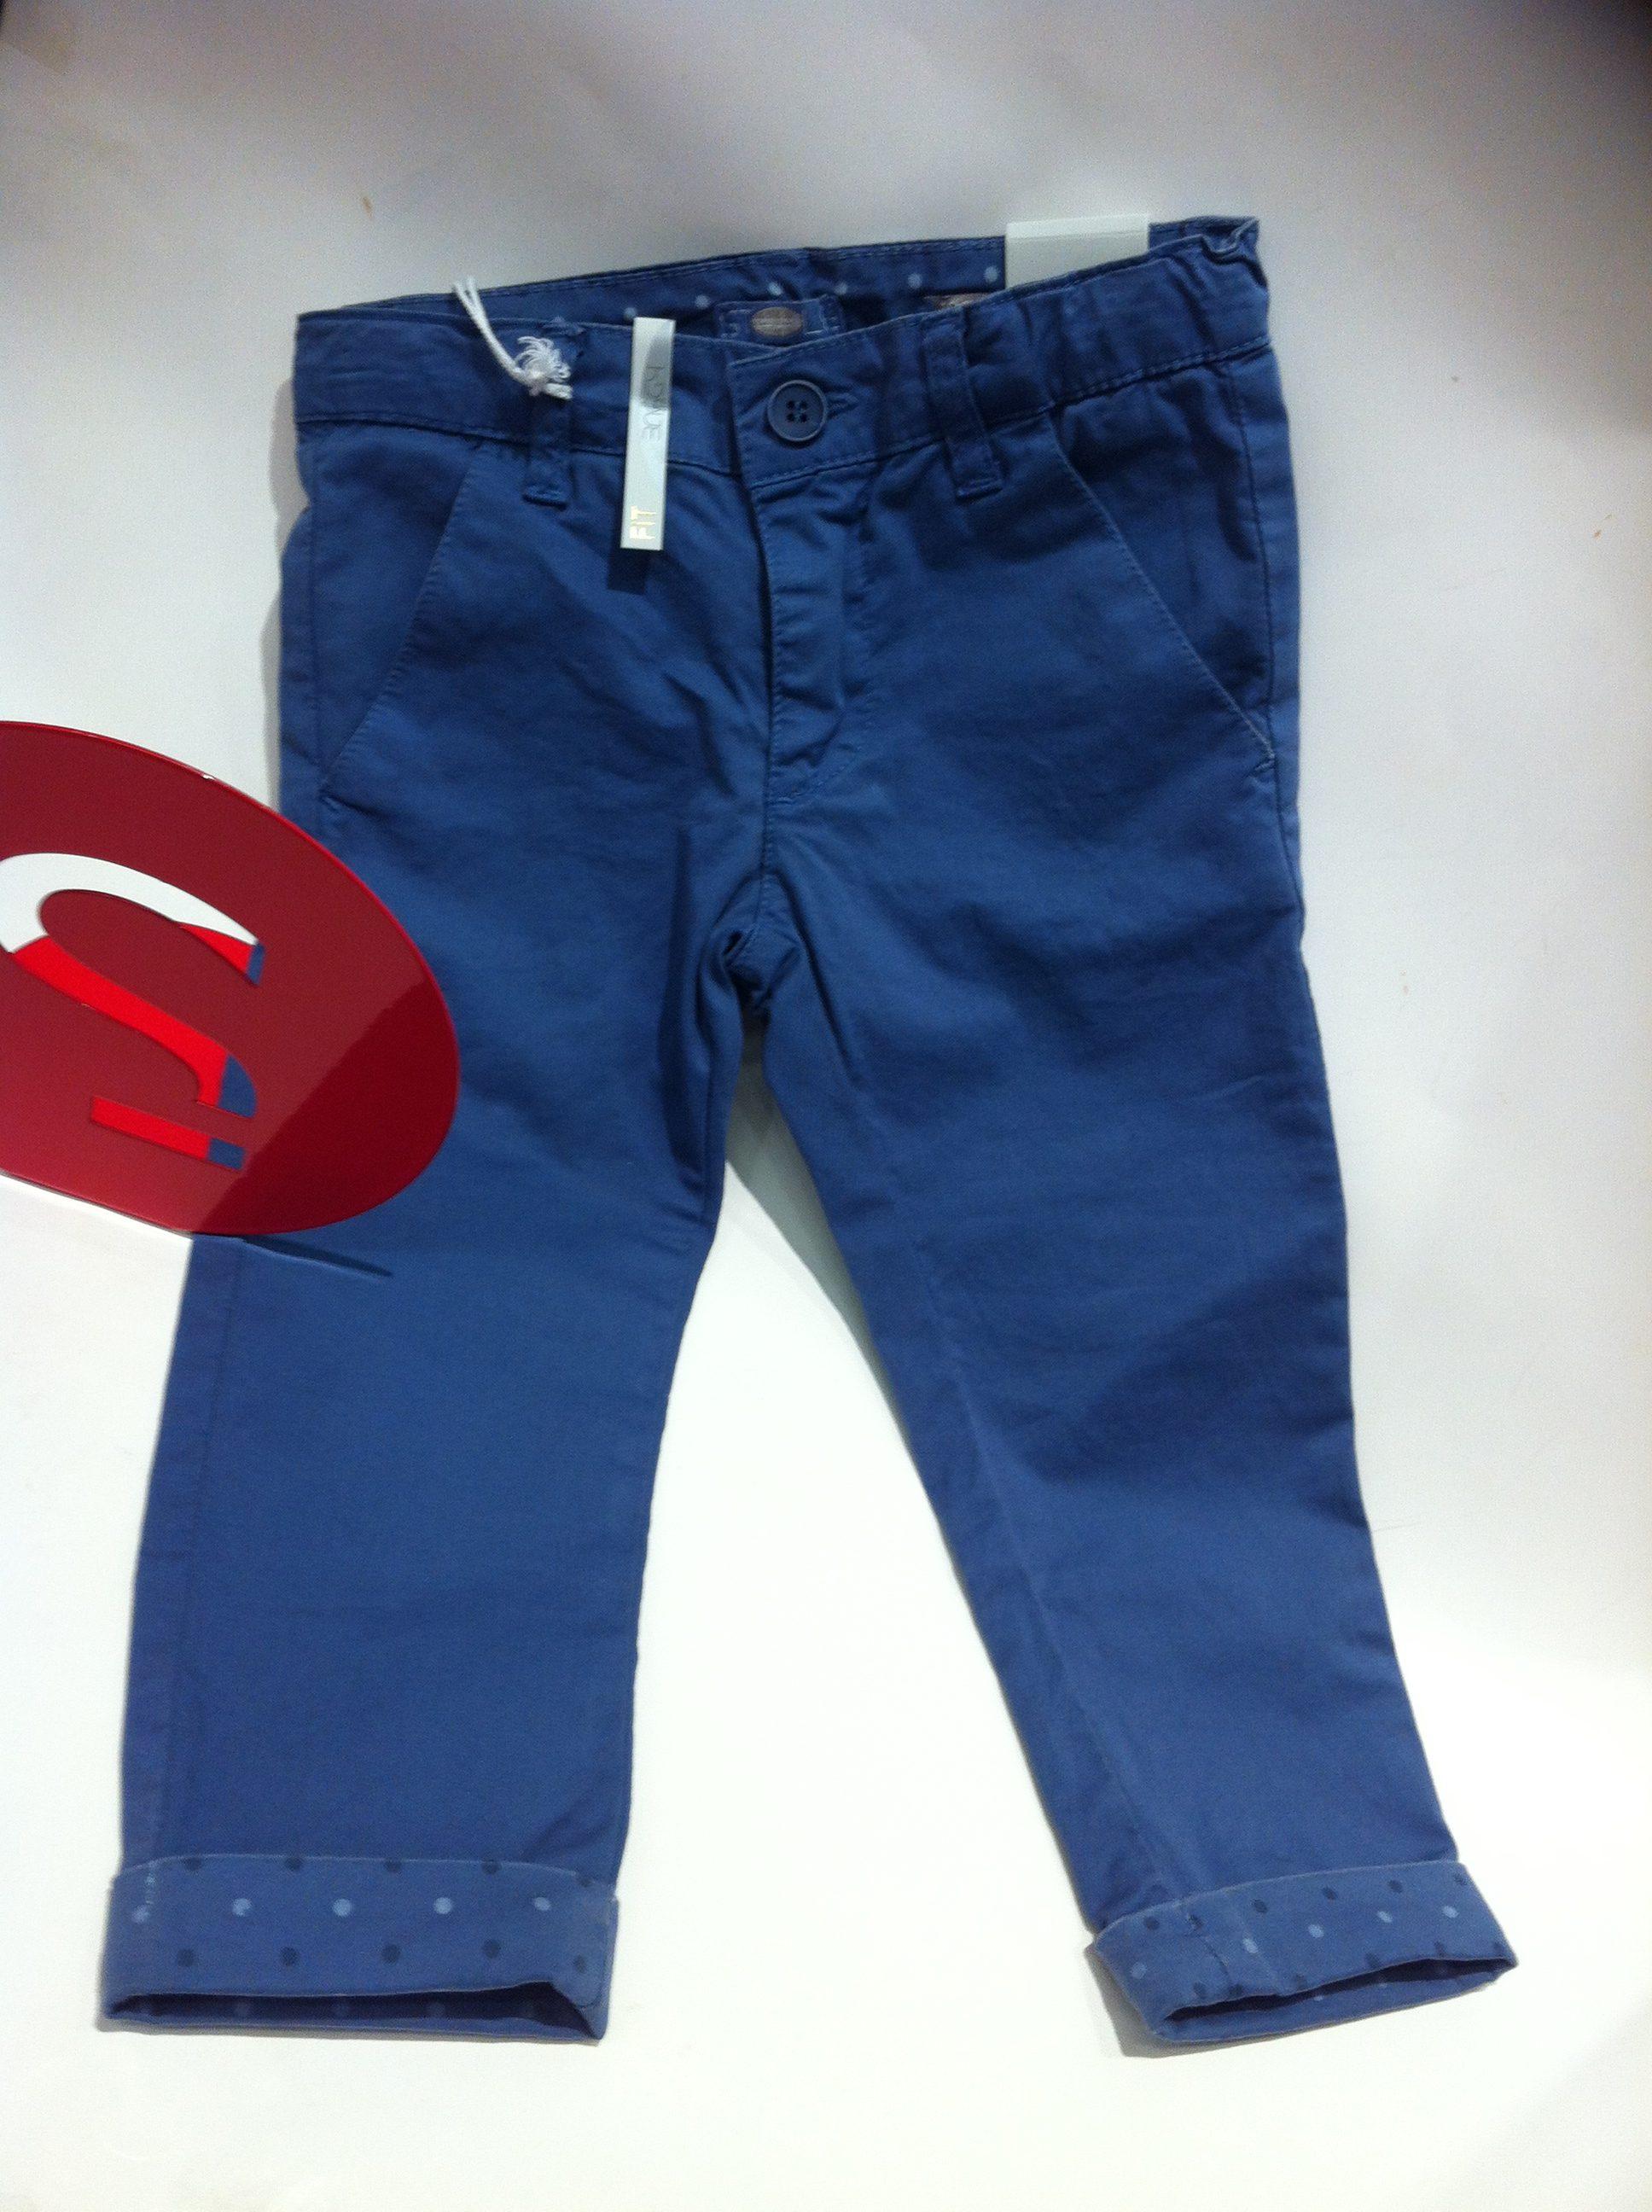 sarabanda pantalone bambino